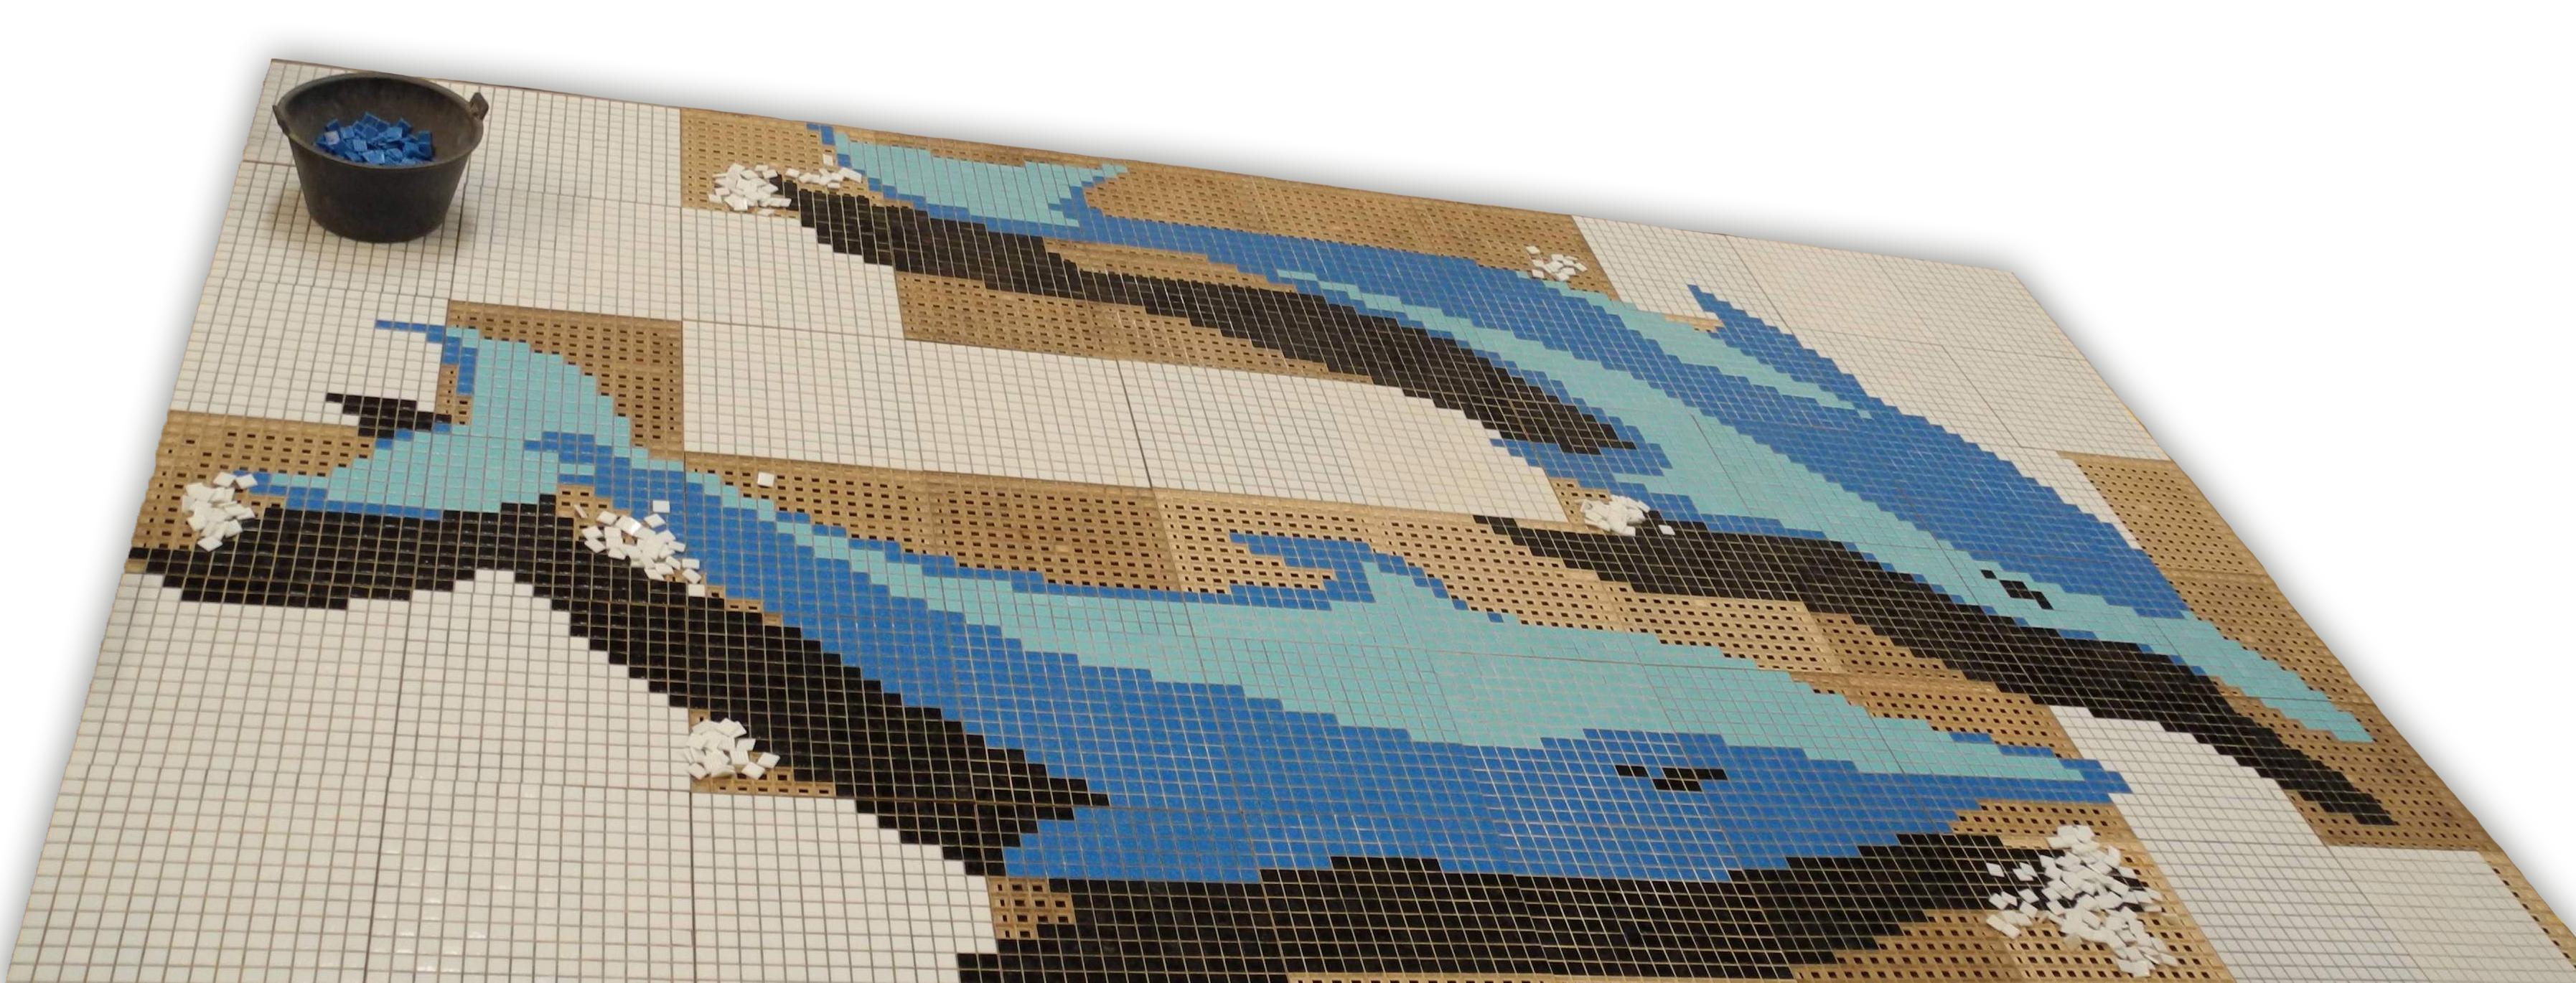 Tableau en mosa que en pate de verre pour piscine dauphin for Tableau piscine